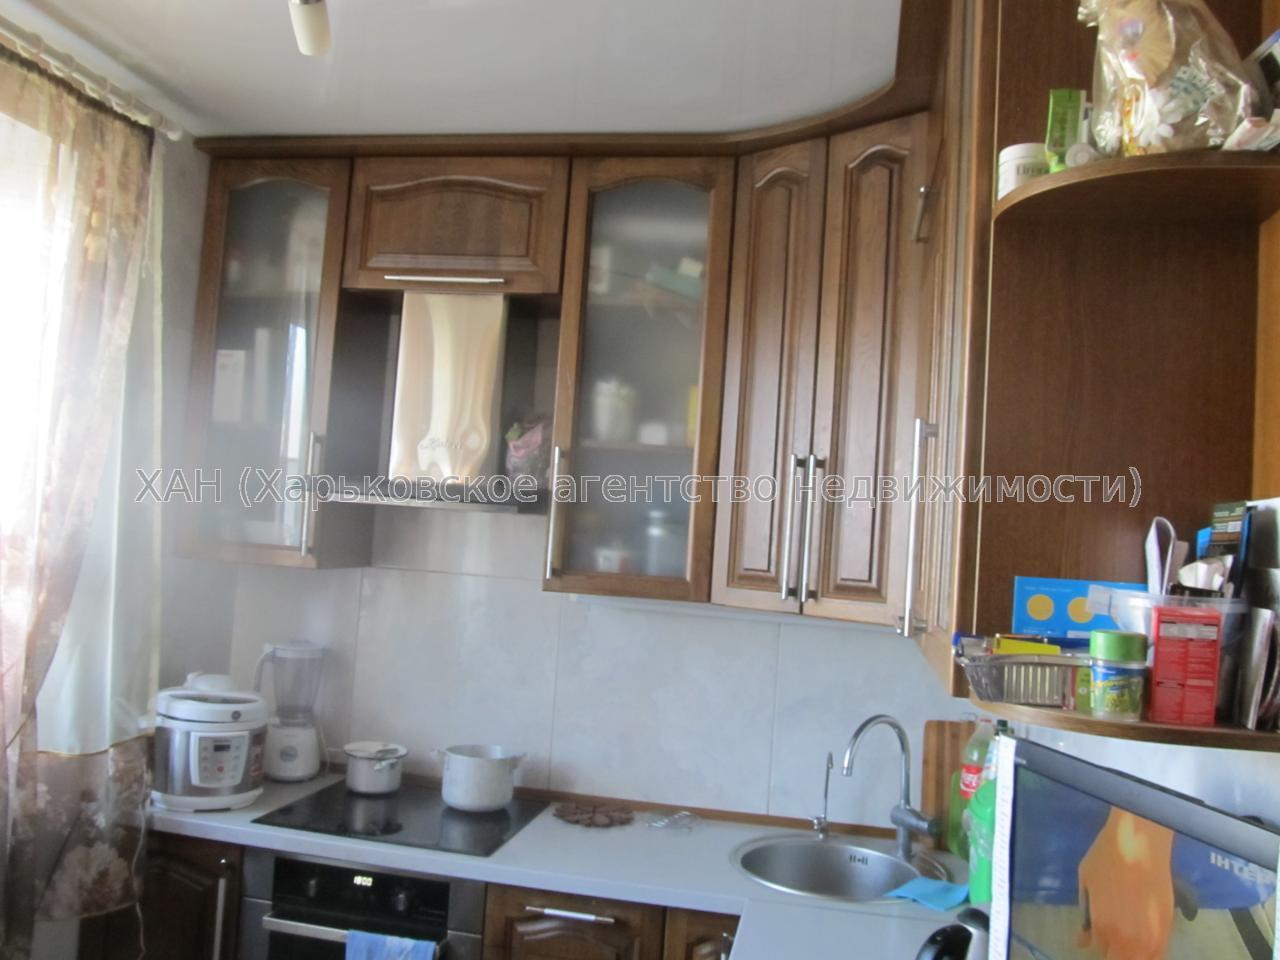 Фото 2 - Продам квартиру Харьков, Натальи Ужвий ул.